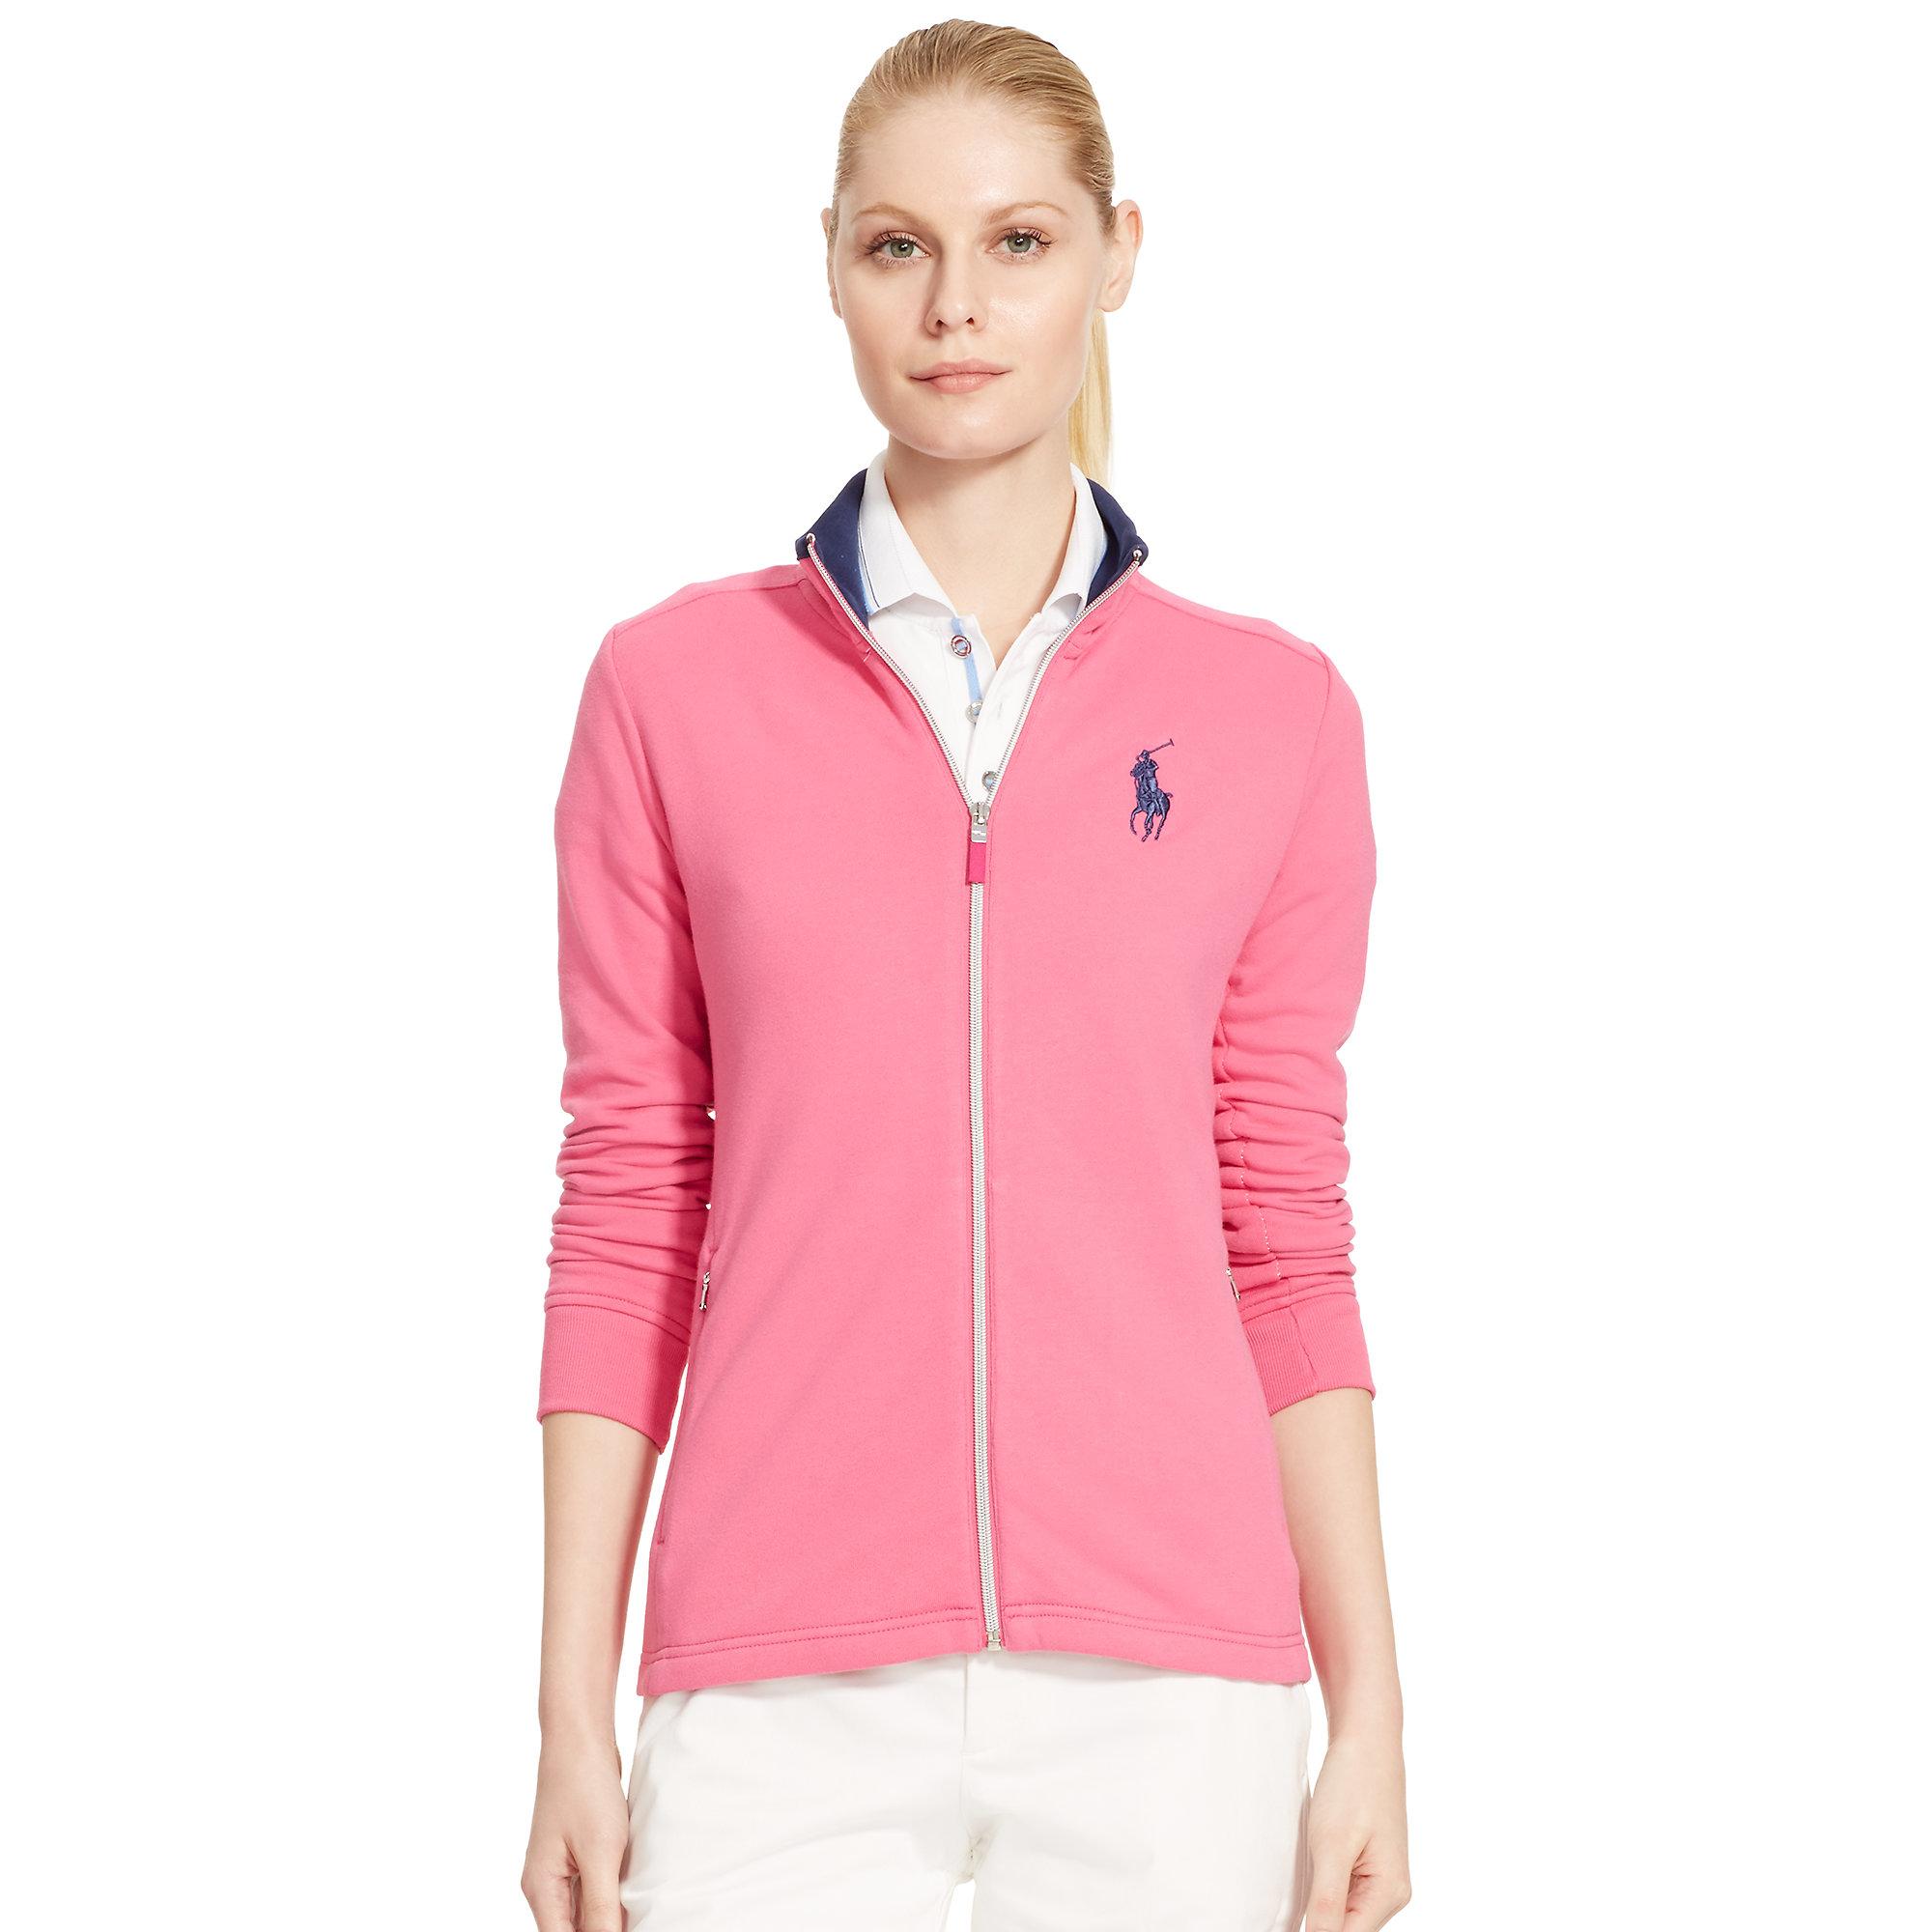 Ralph lauren golf Fleece Full-zip Jacket in Pink | Lyst